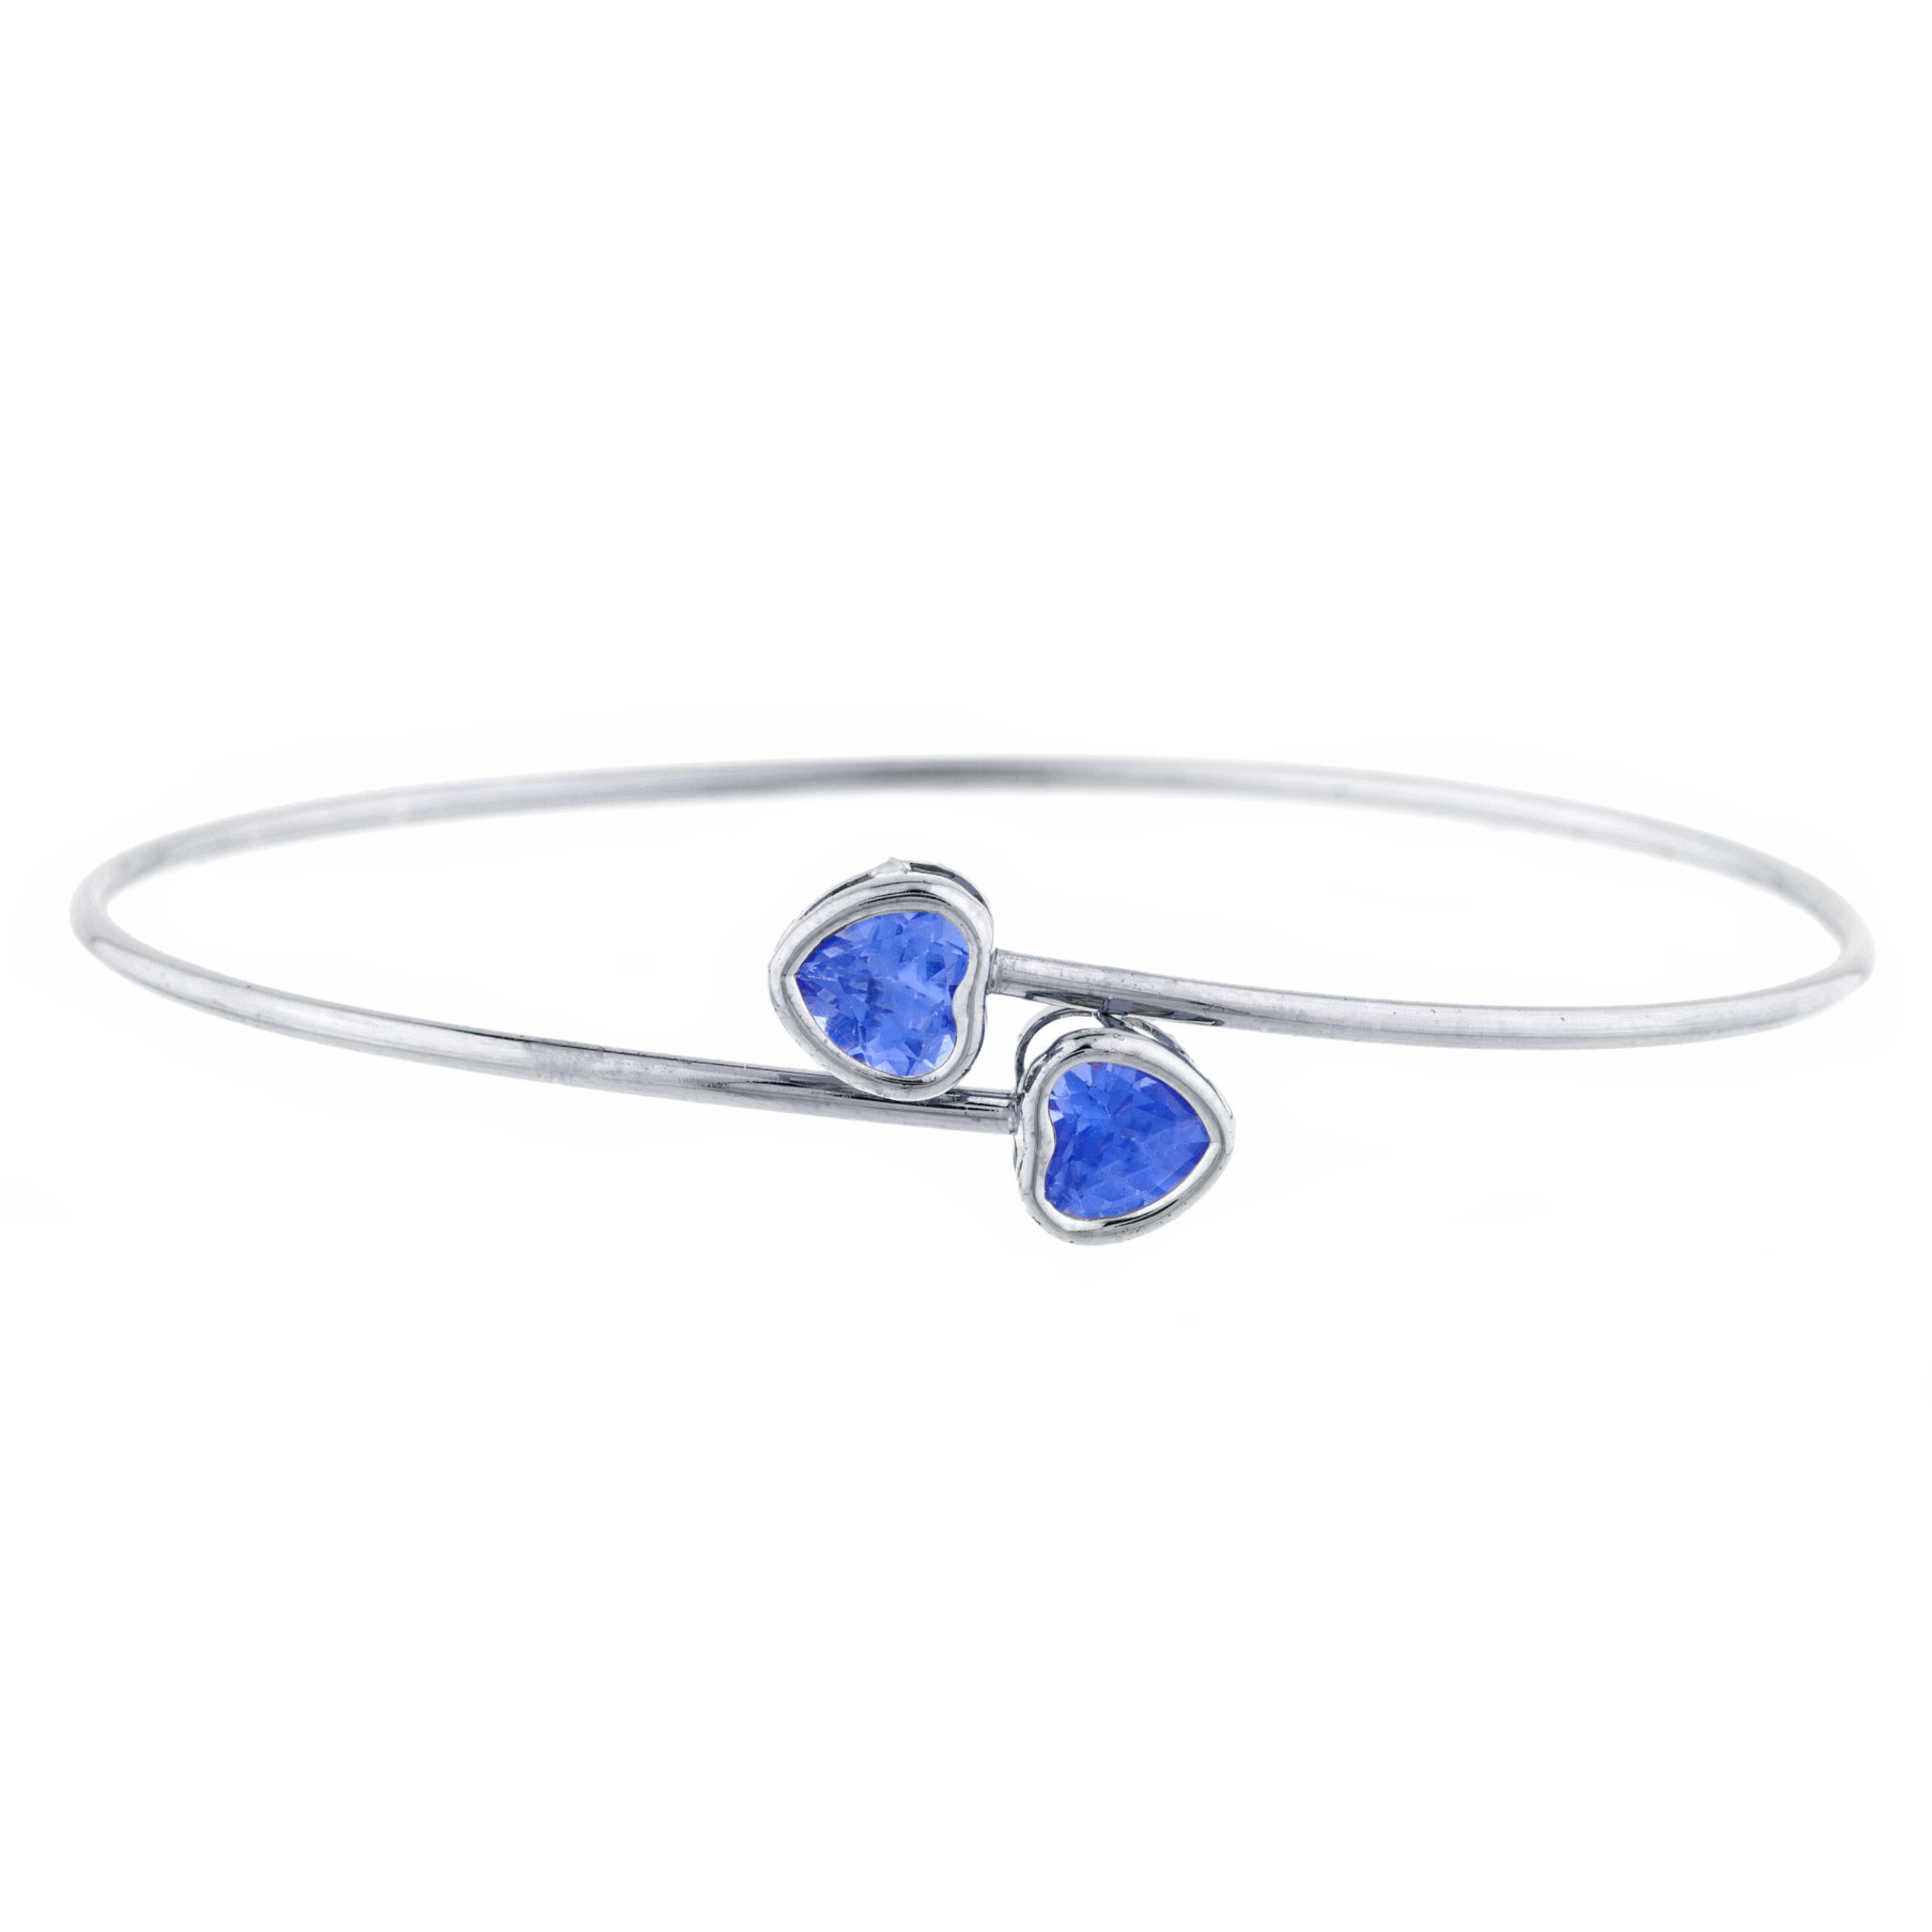 2 Ct Tanzanite Heart Bezel Bangle Bracelet .925 Sterling Silver by Elizabeth Jewelry Inc